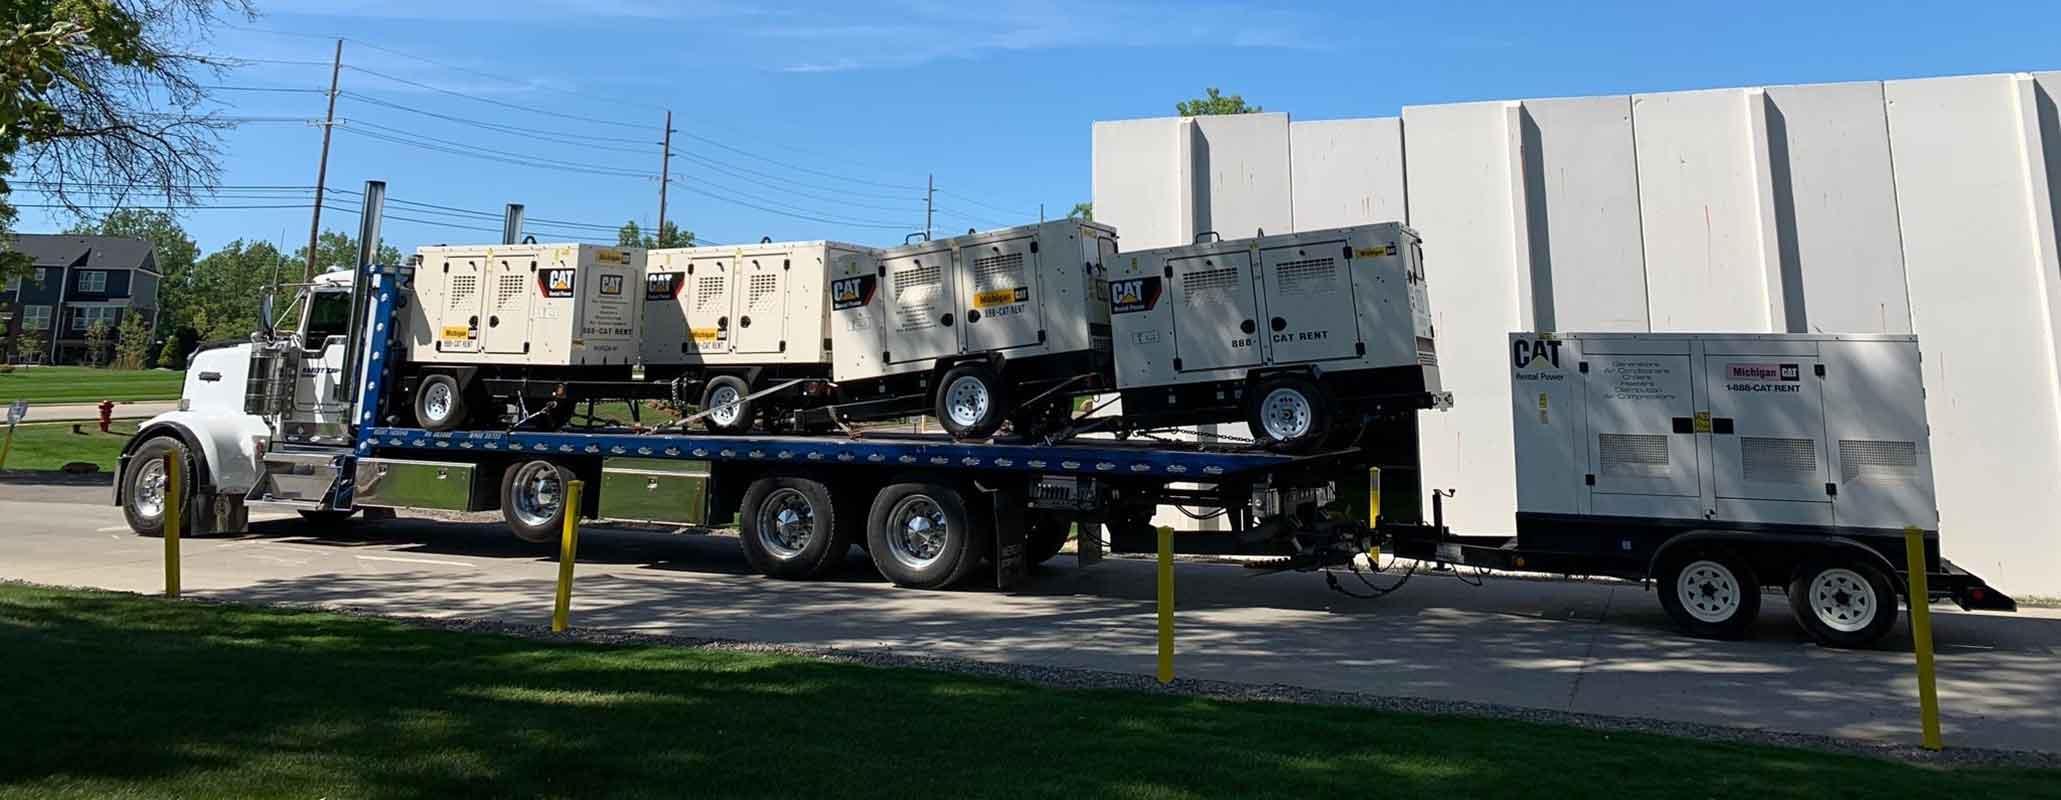 Century LCG Industrial Carrier hauling generators